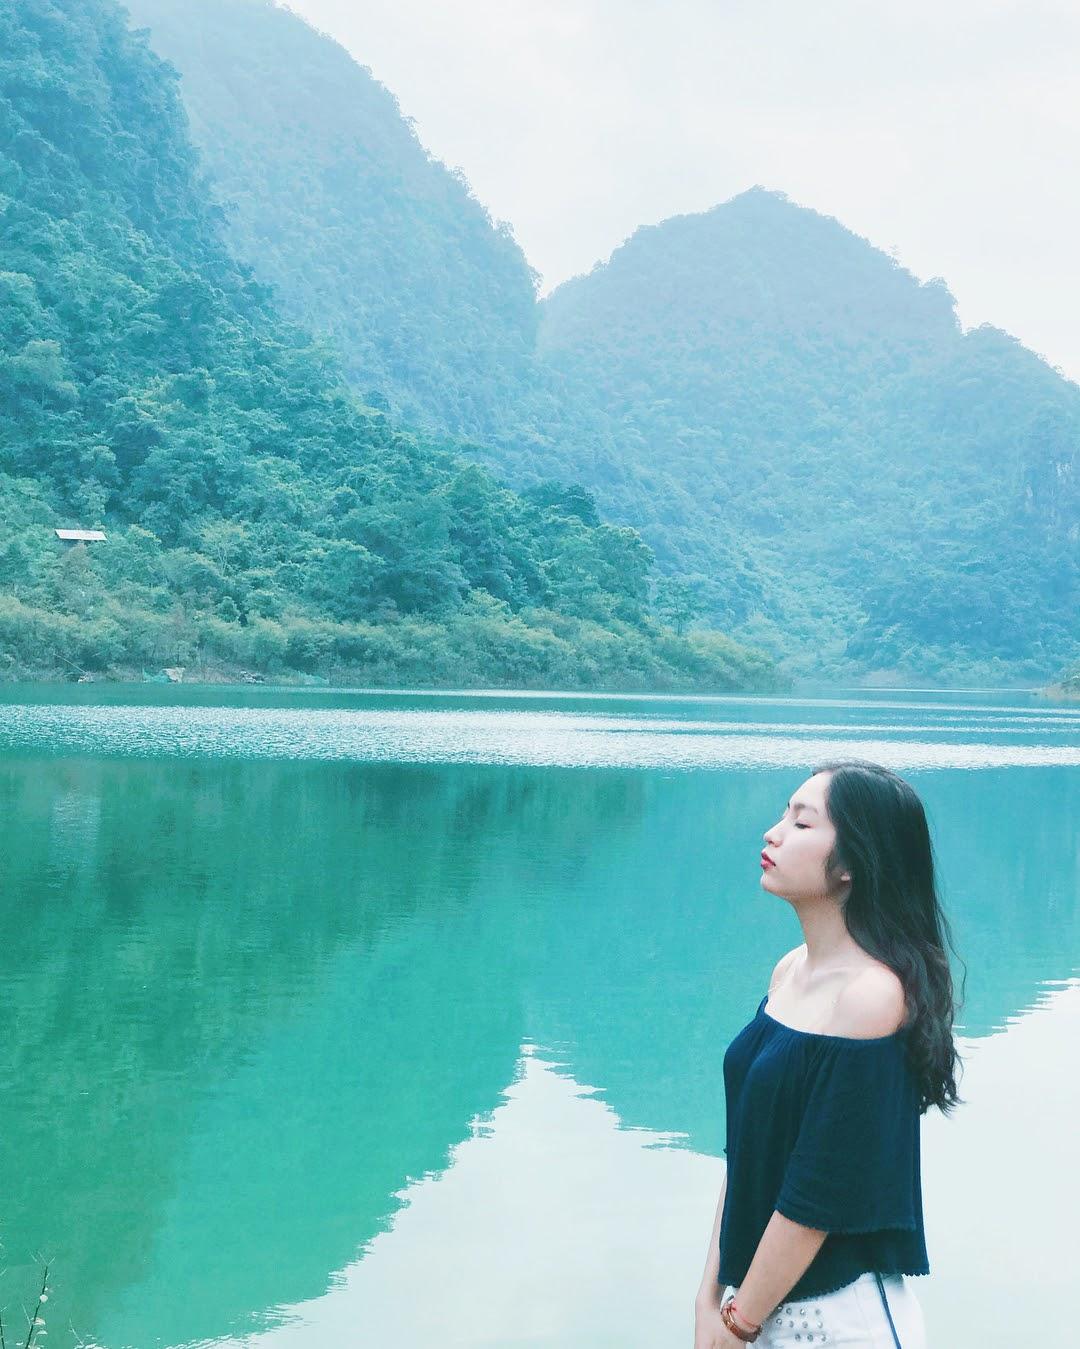 4 địa điểm không nên bỏ qua khi đến du lịch Cao Bằng